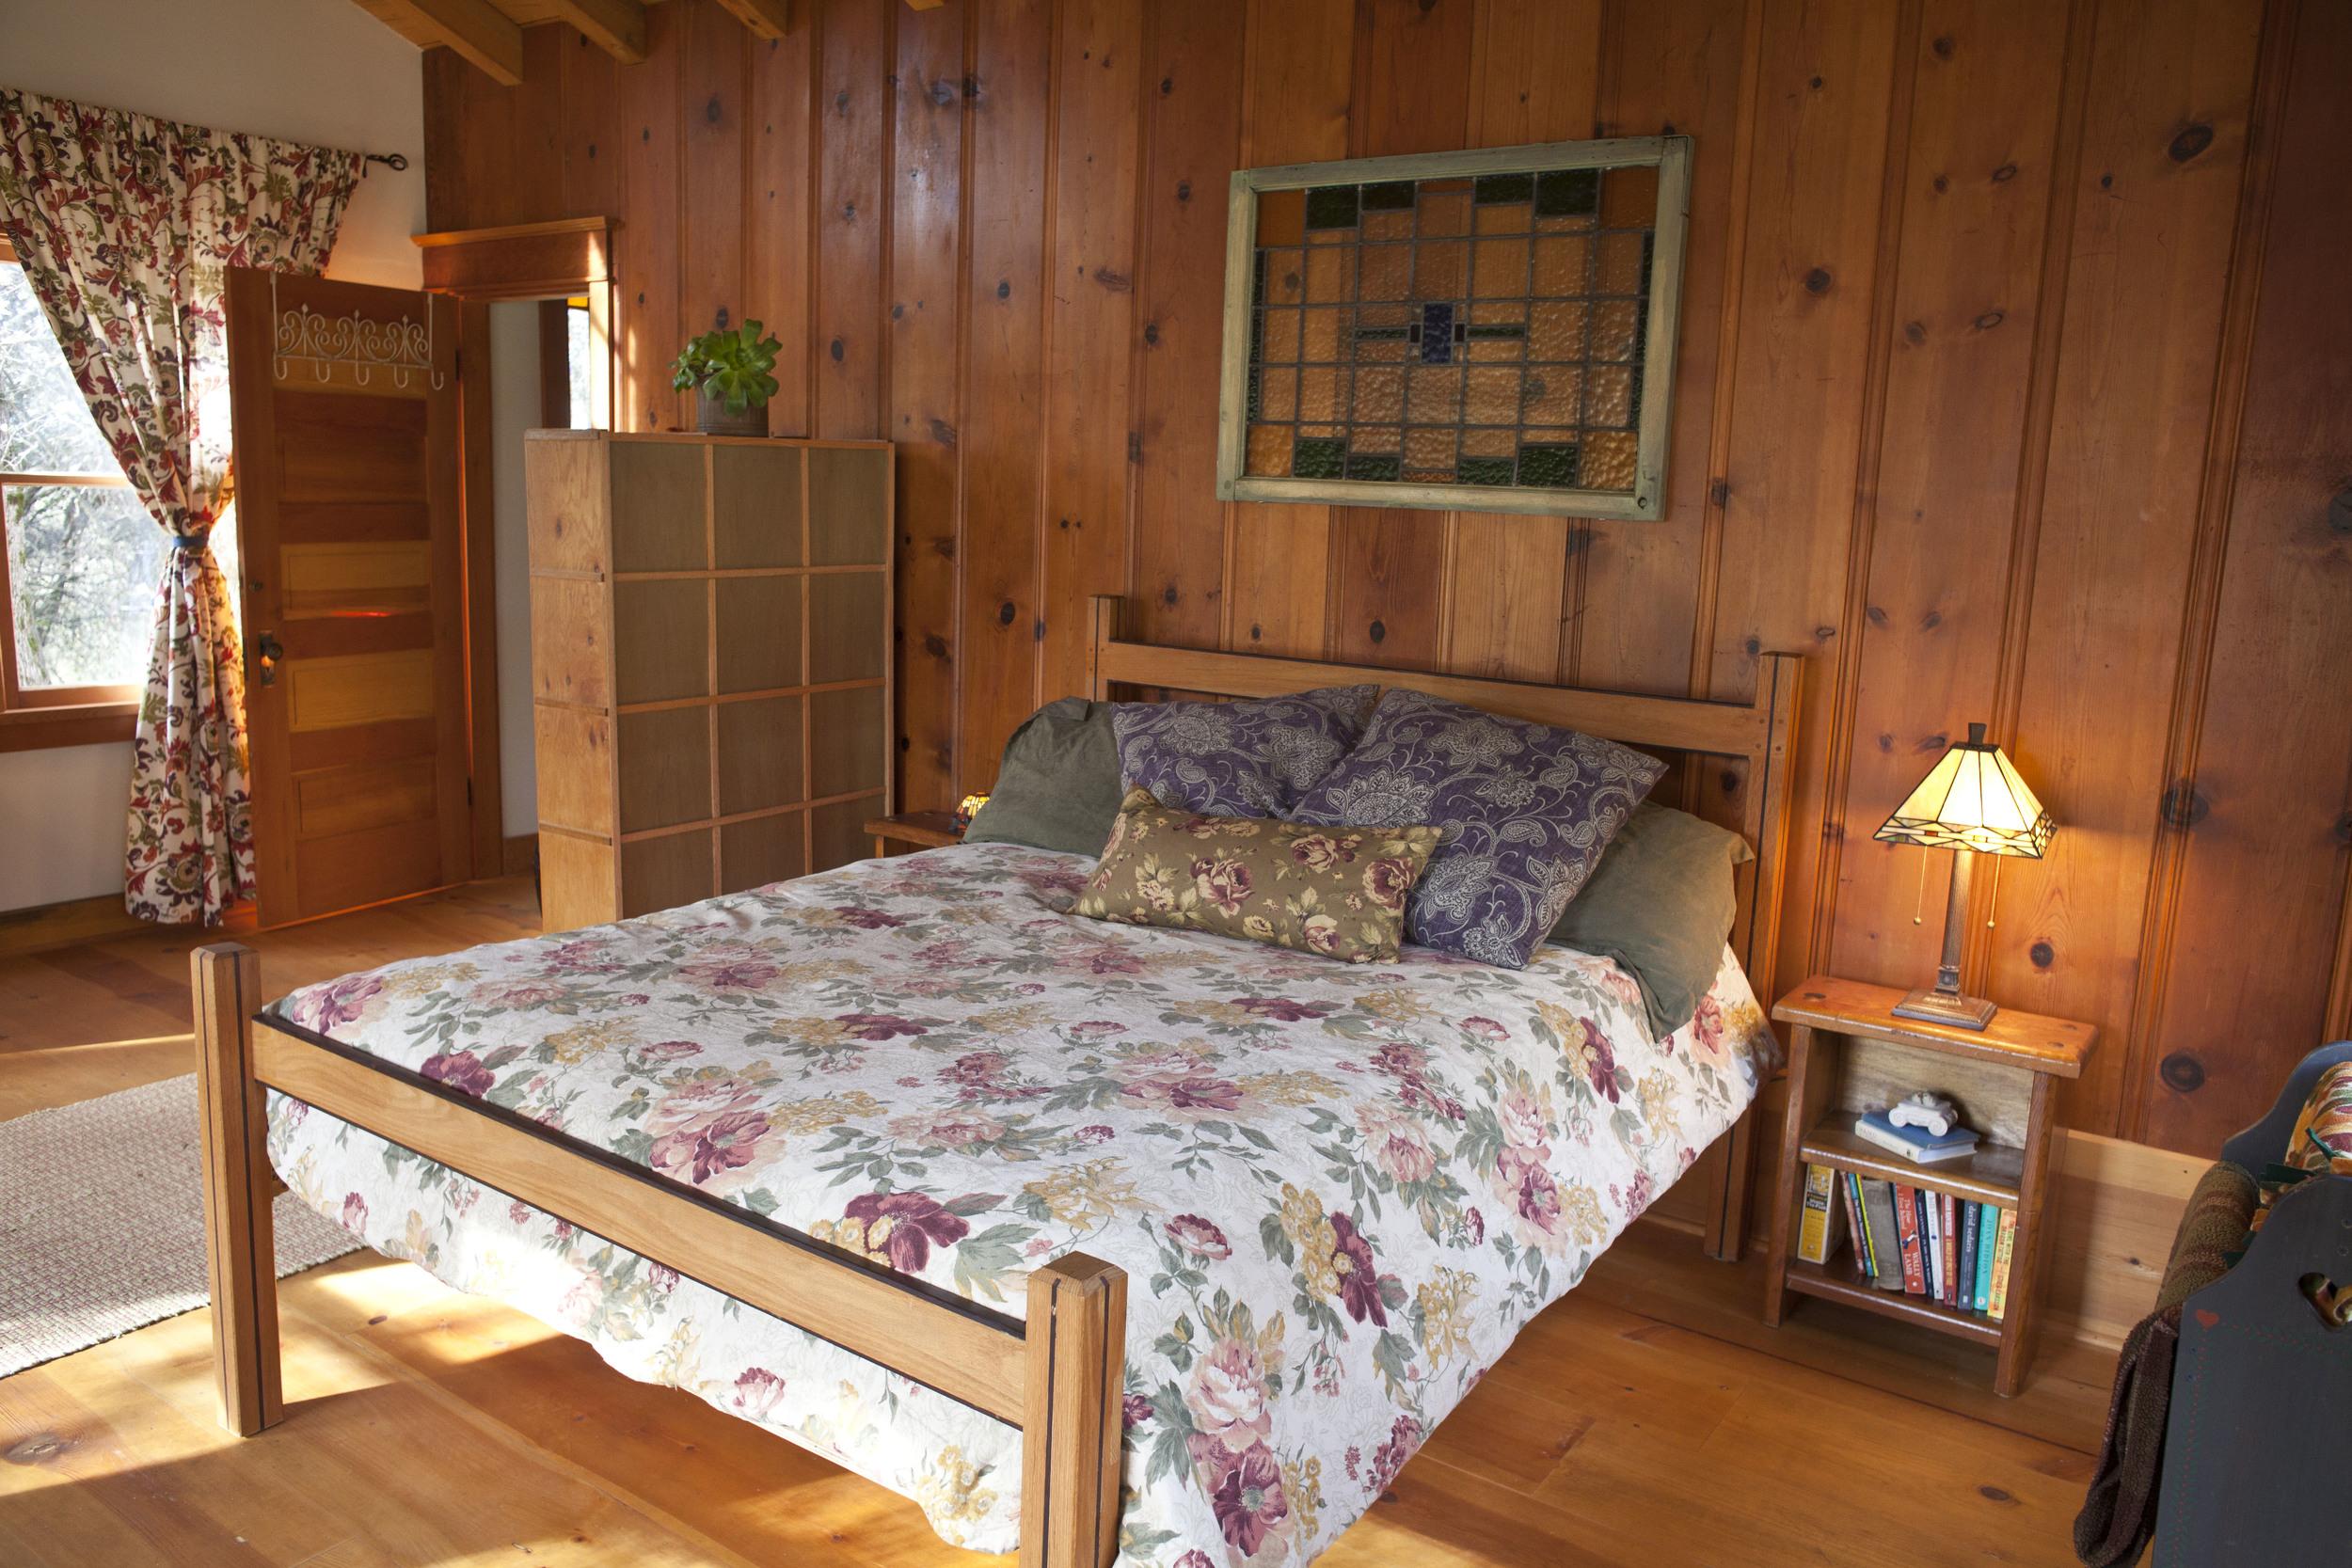 Cabin Int 15.jpg